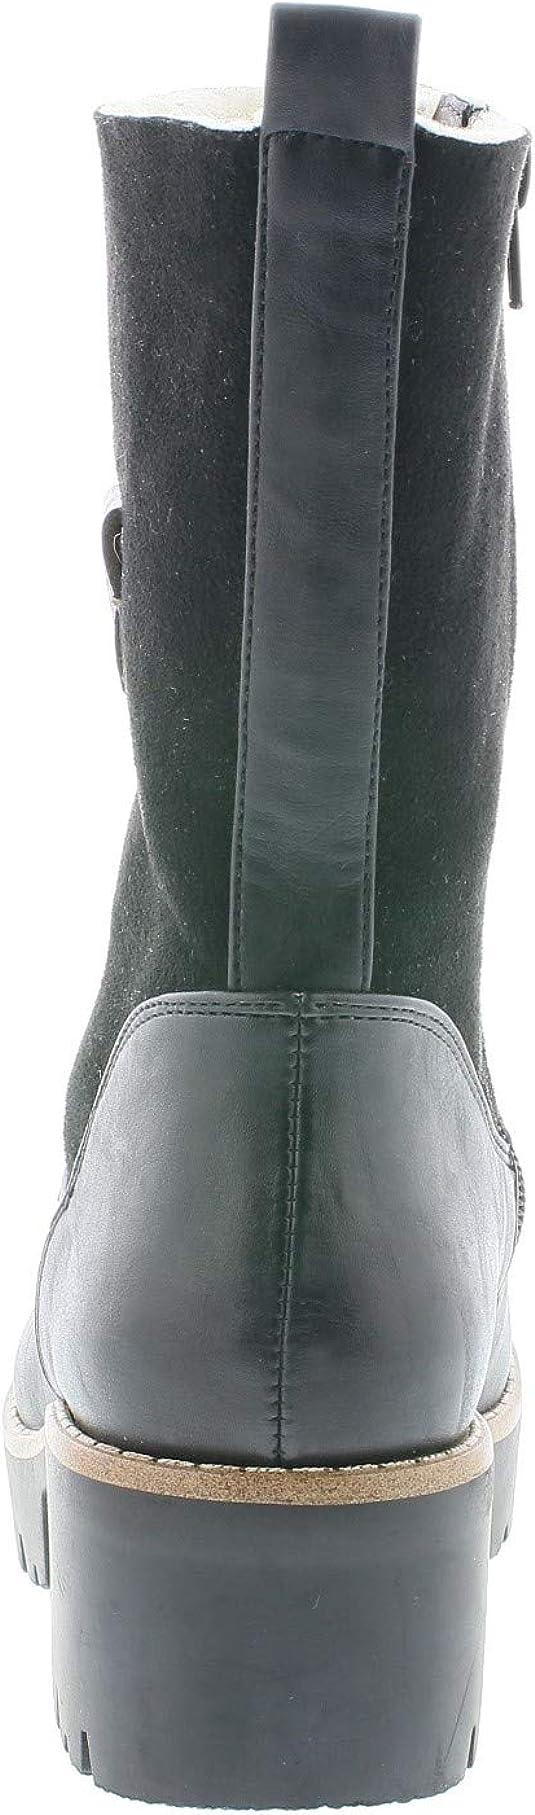 Rieker Damen Stiefel schwarz (96478 00) *warm; RiekerTex*   eBay